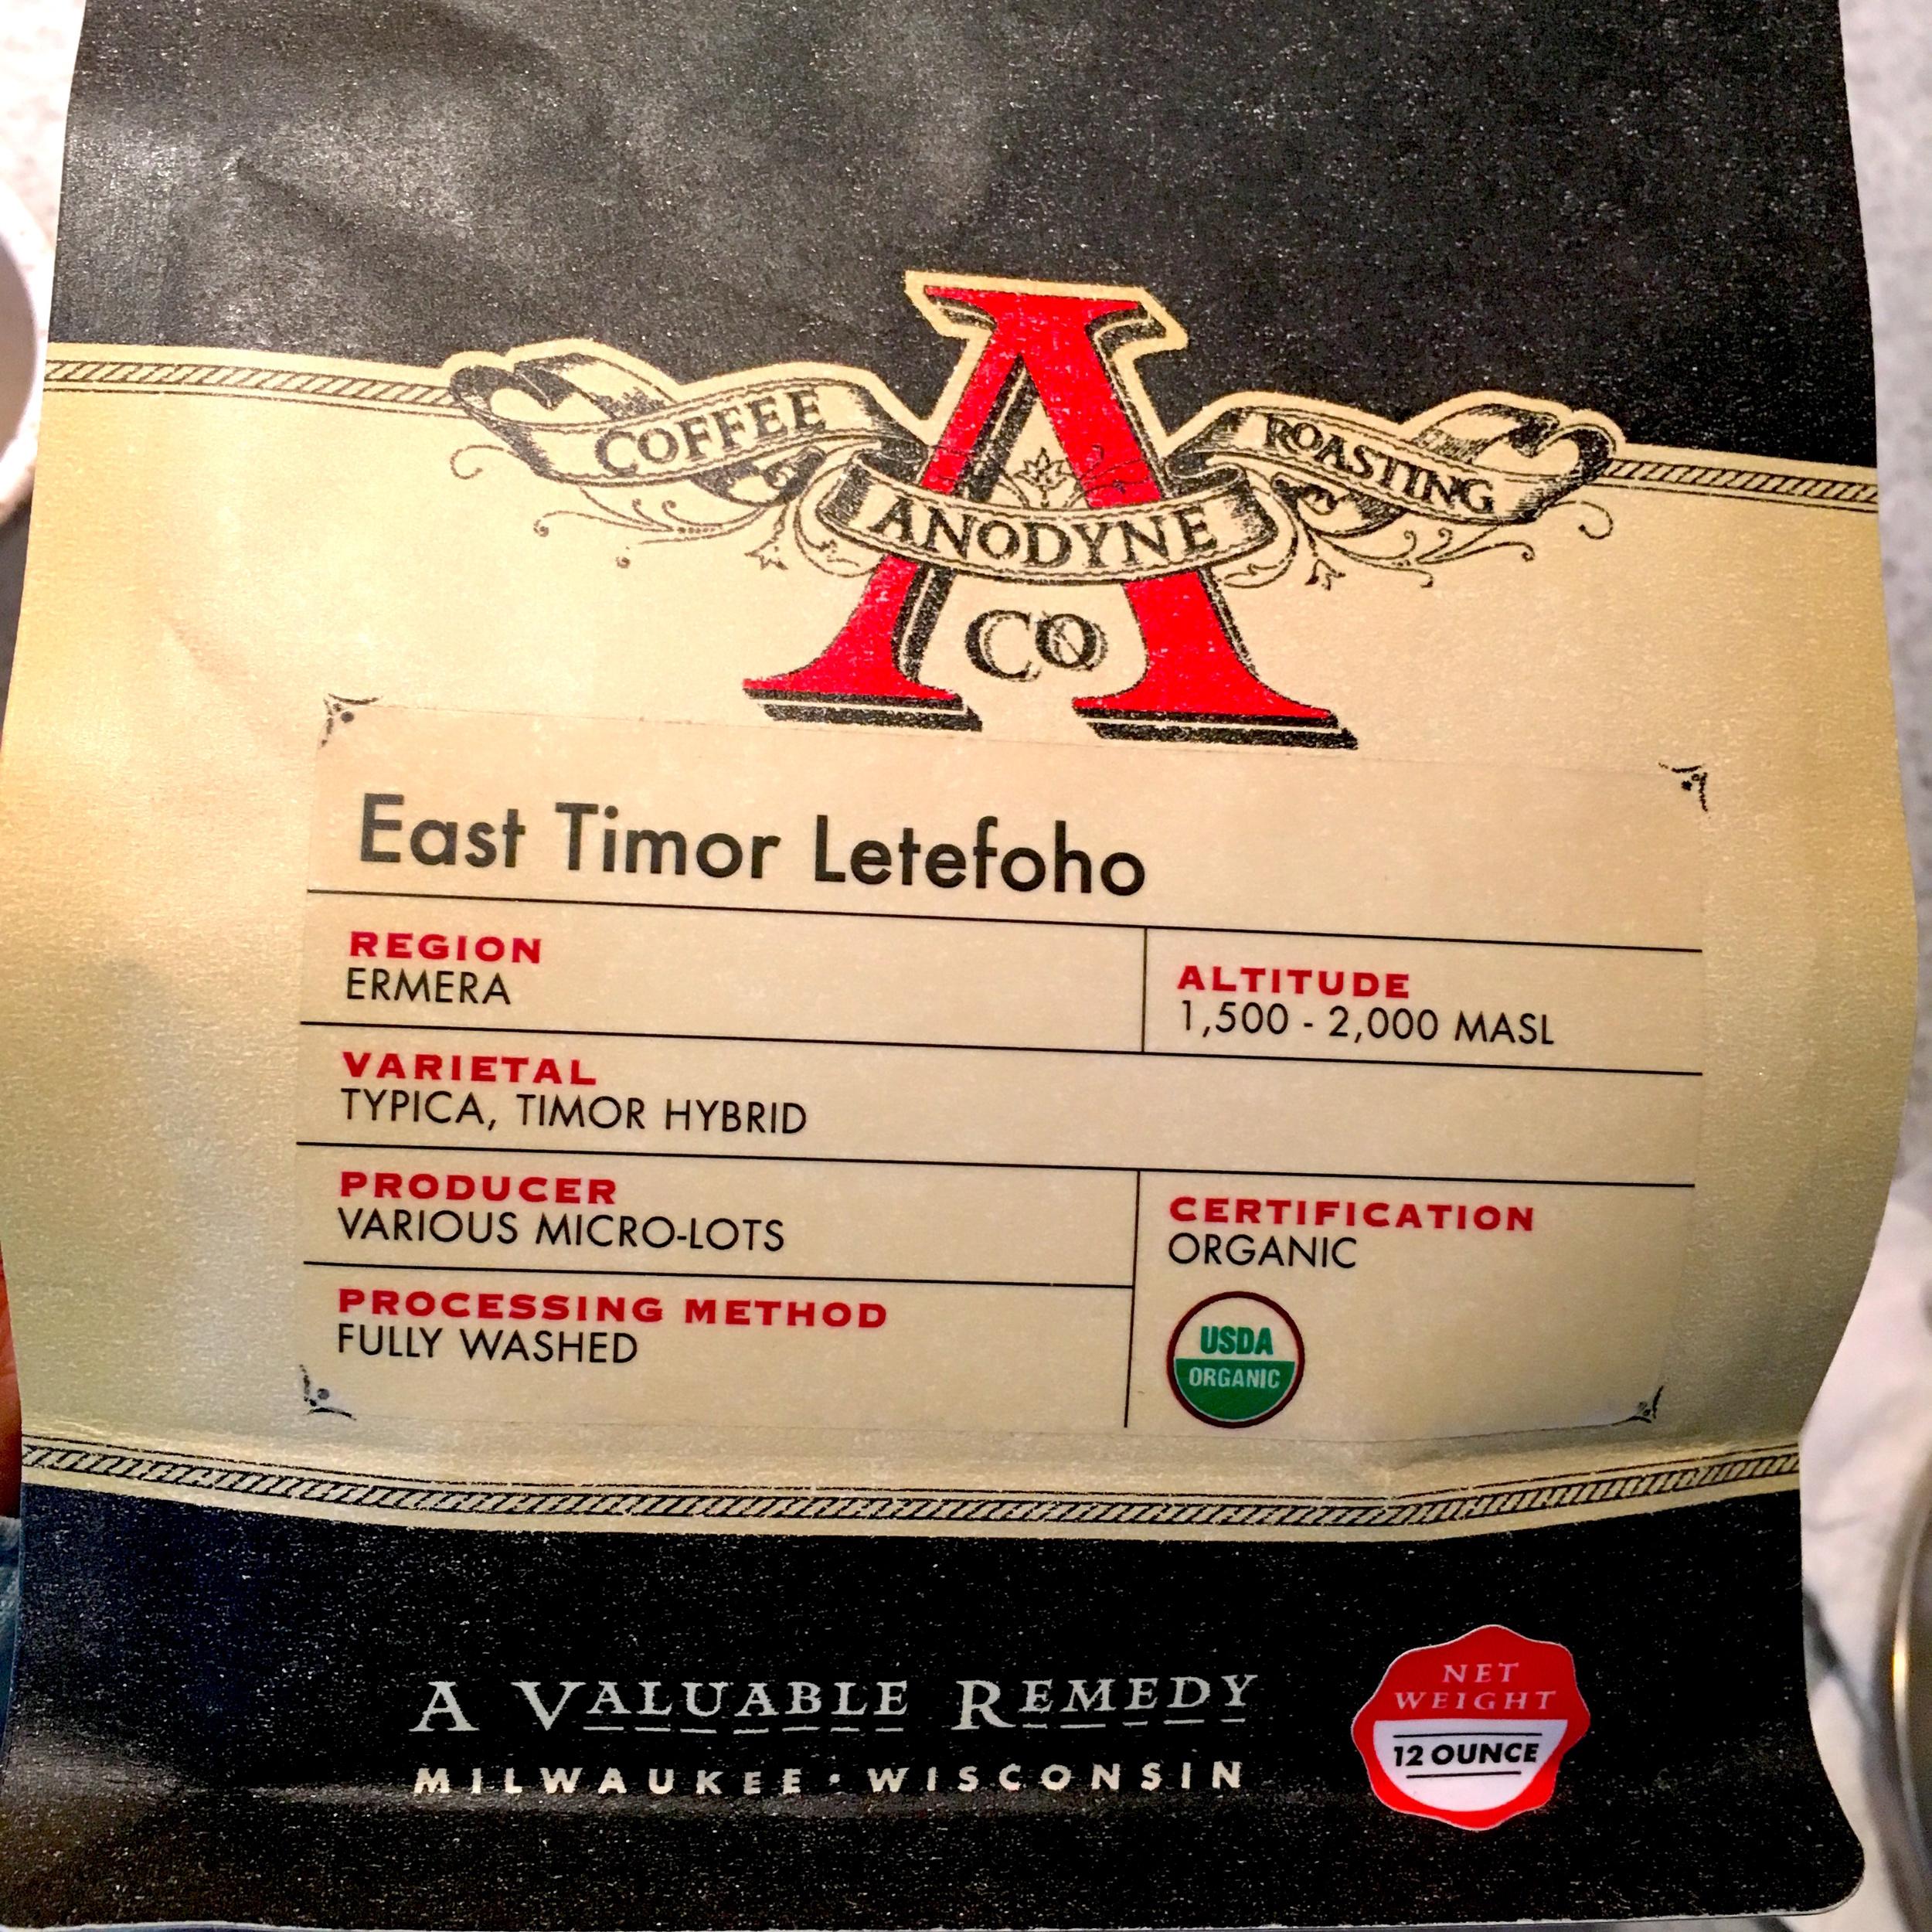 Anodyne East Timor Letefoho